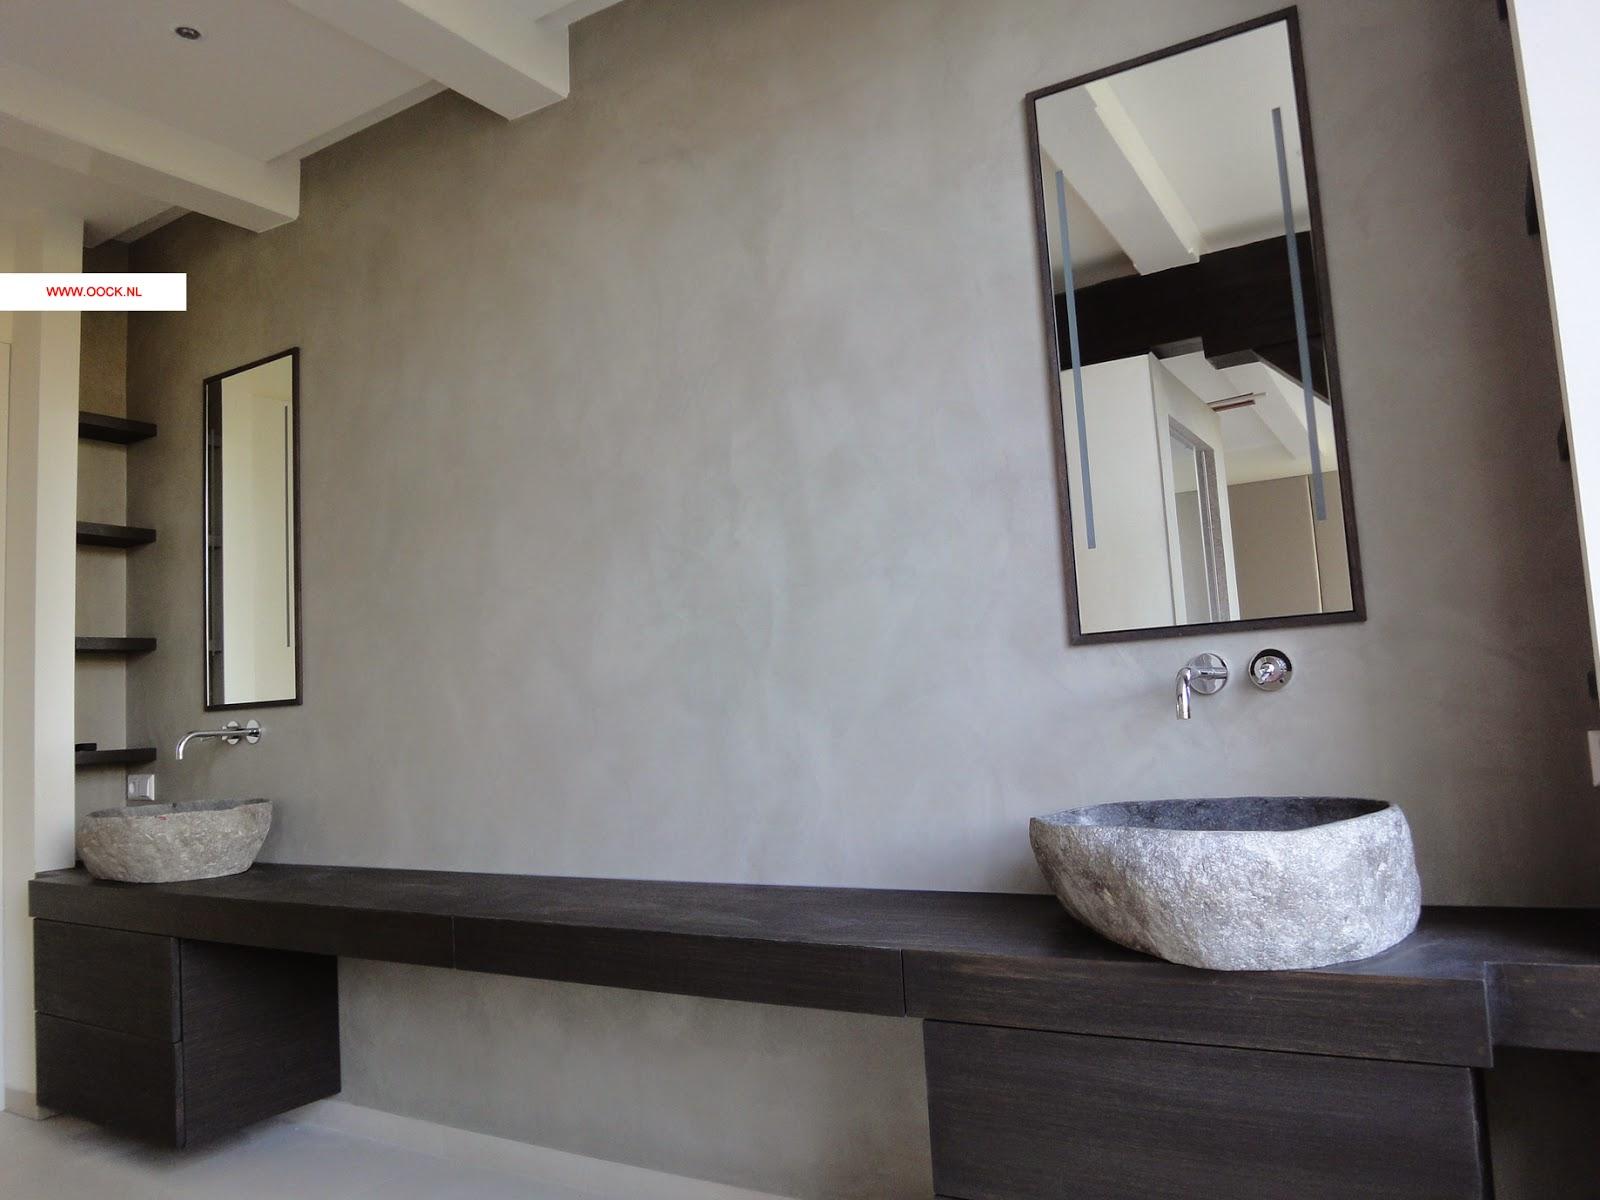 Mozaiek Badkamer Goedkoop : Badkamermeubels glas mozaiek badkamer goedkoop eigentijdse mozaiek